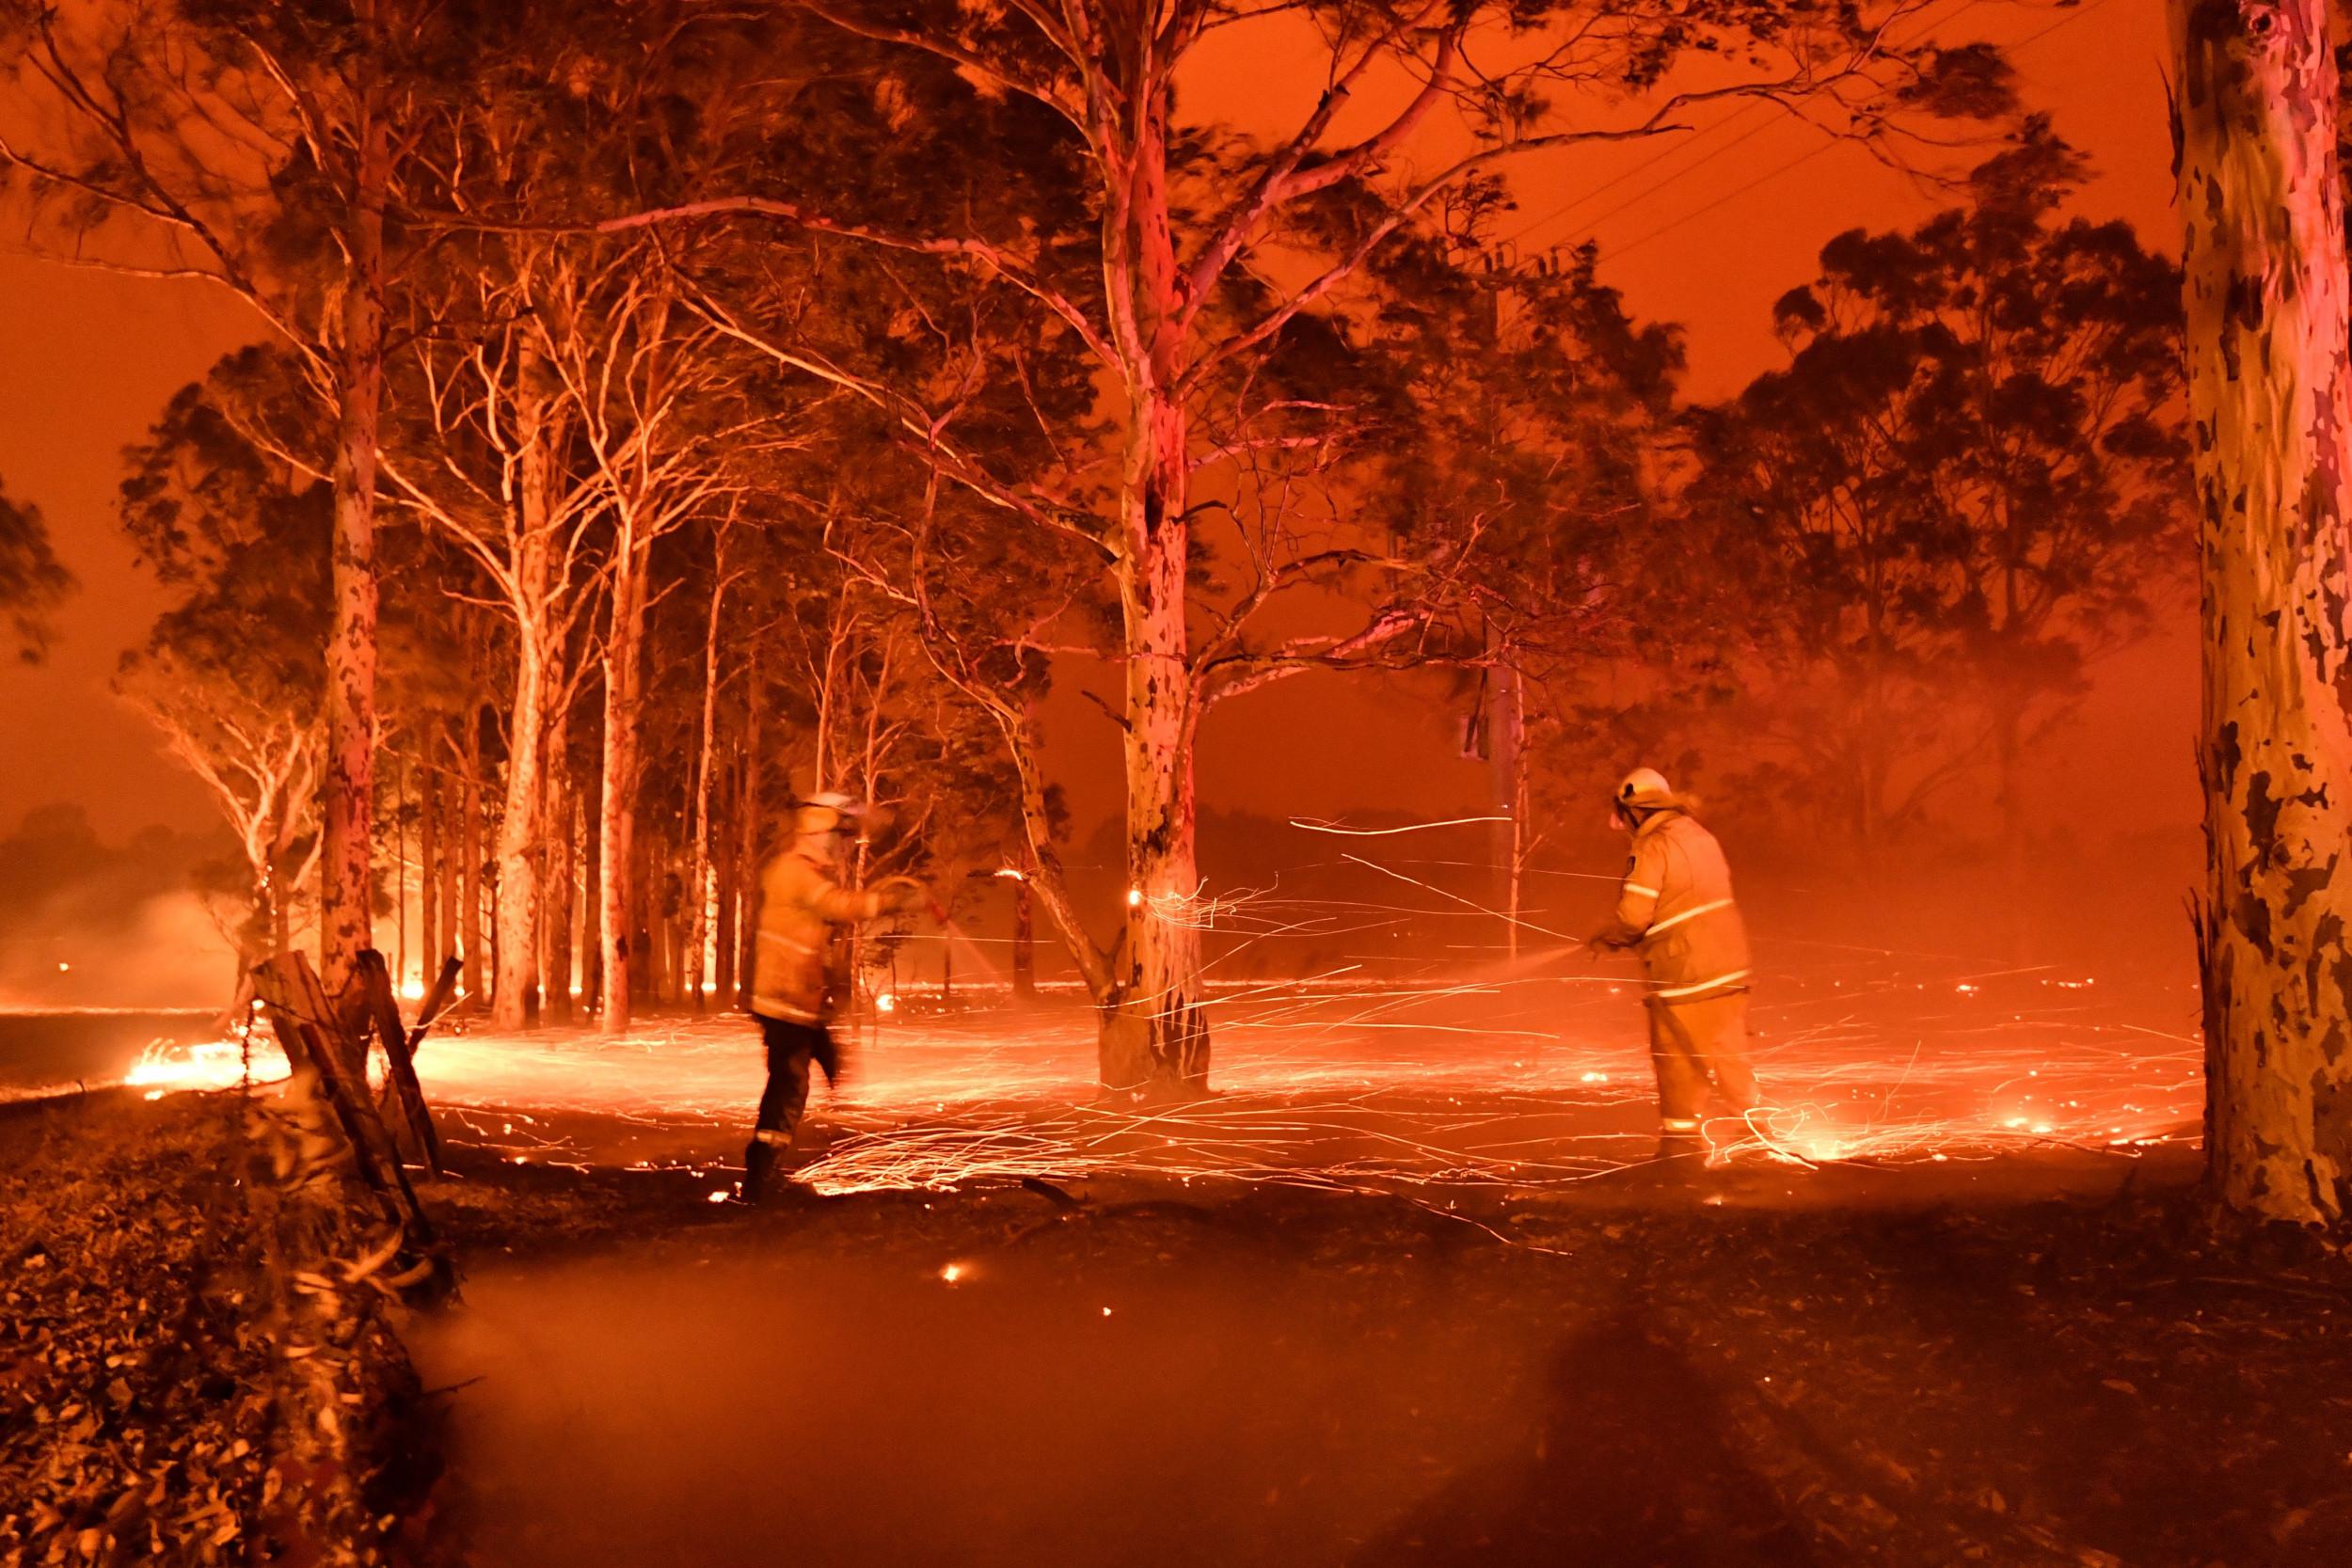 Αποτέλεσμα εικόνας για australia wildfires